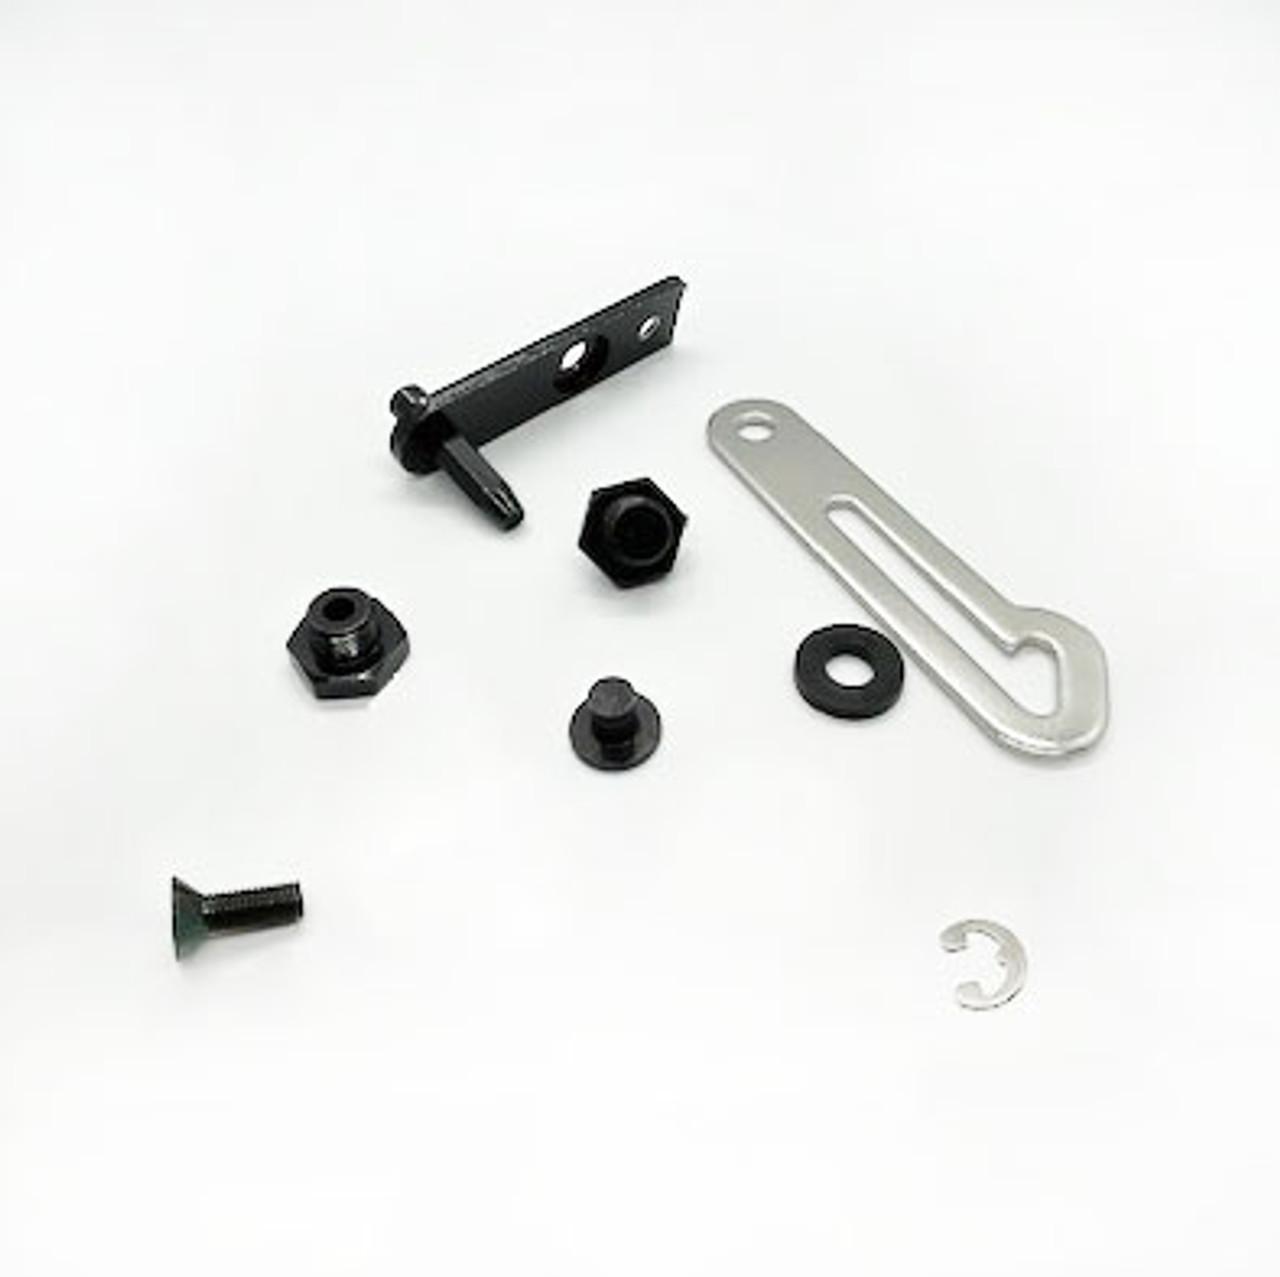 Styleline-Bottom-hinge-repair-kit-CL-Series-S//E-Hybridoors-5548-9360-CL-Series-S//E-Hybridoors